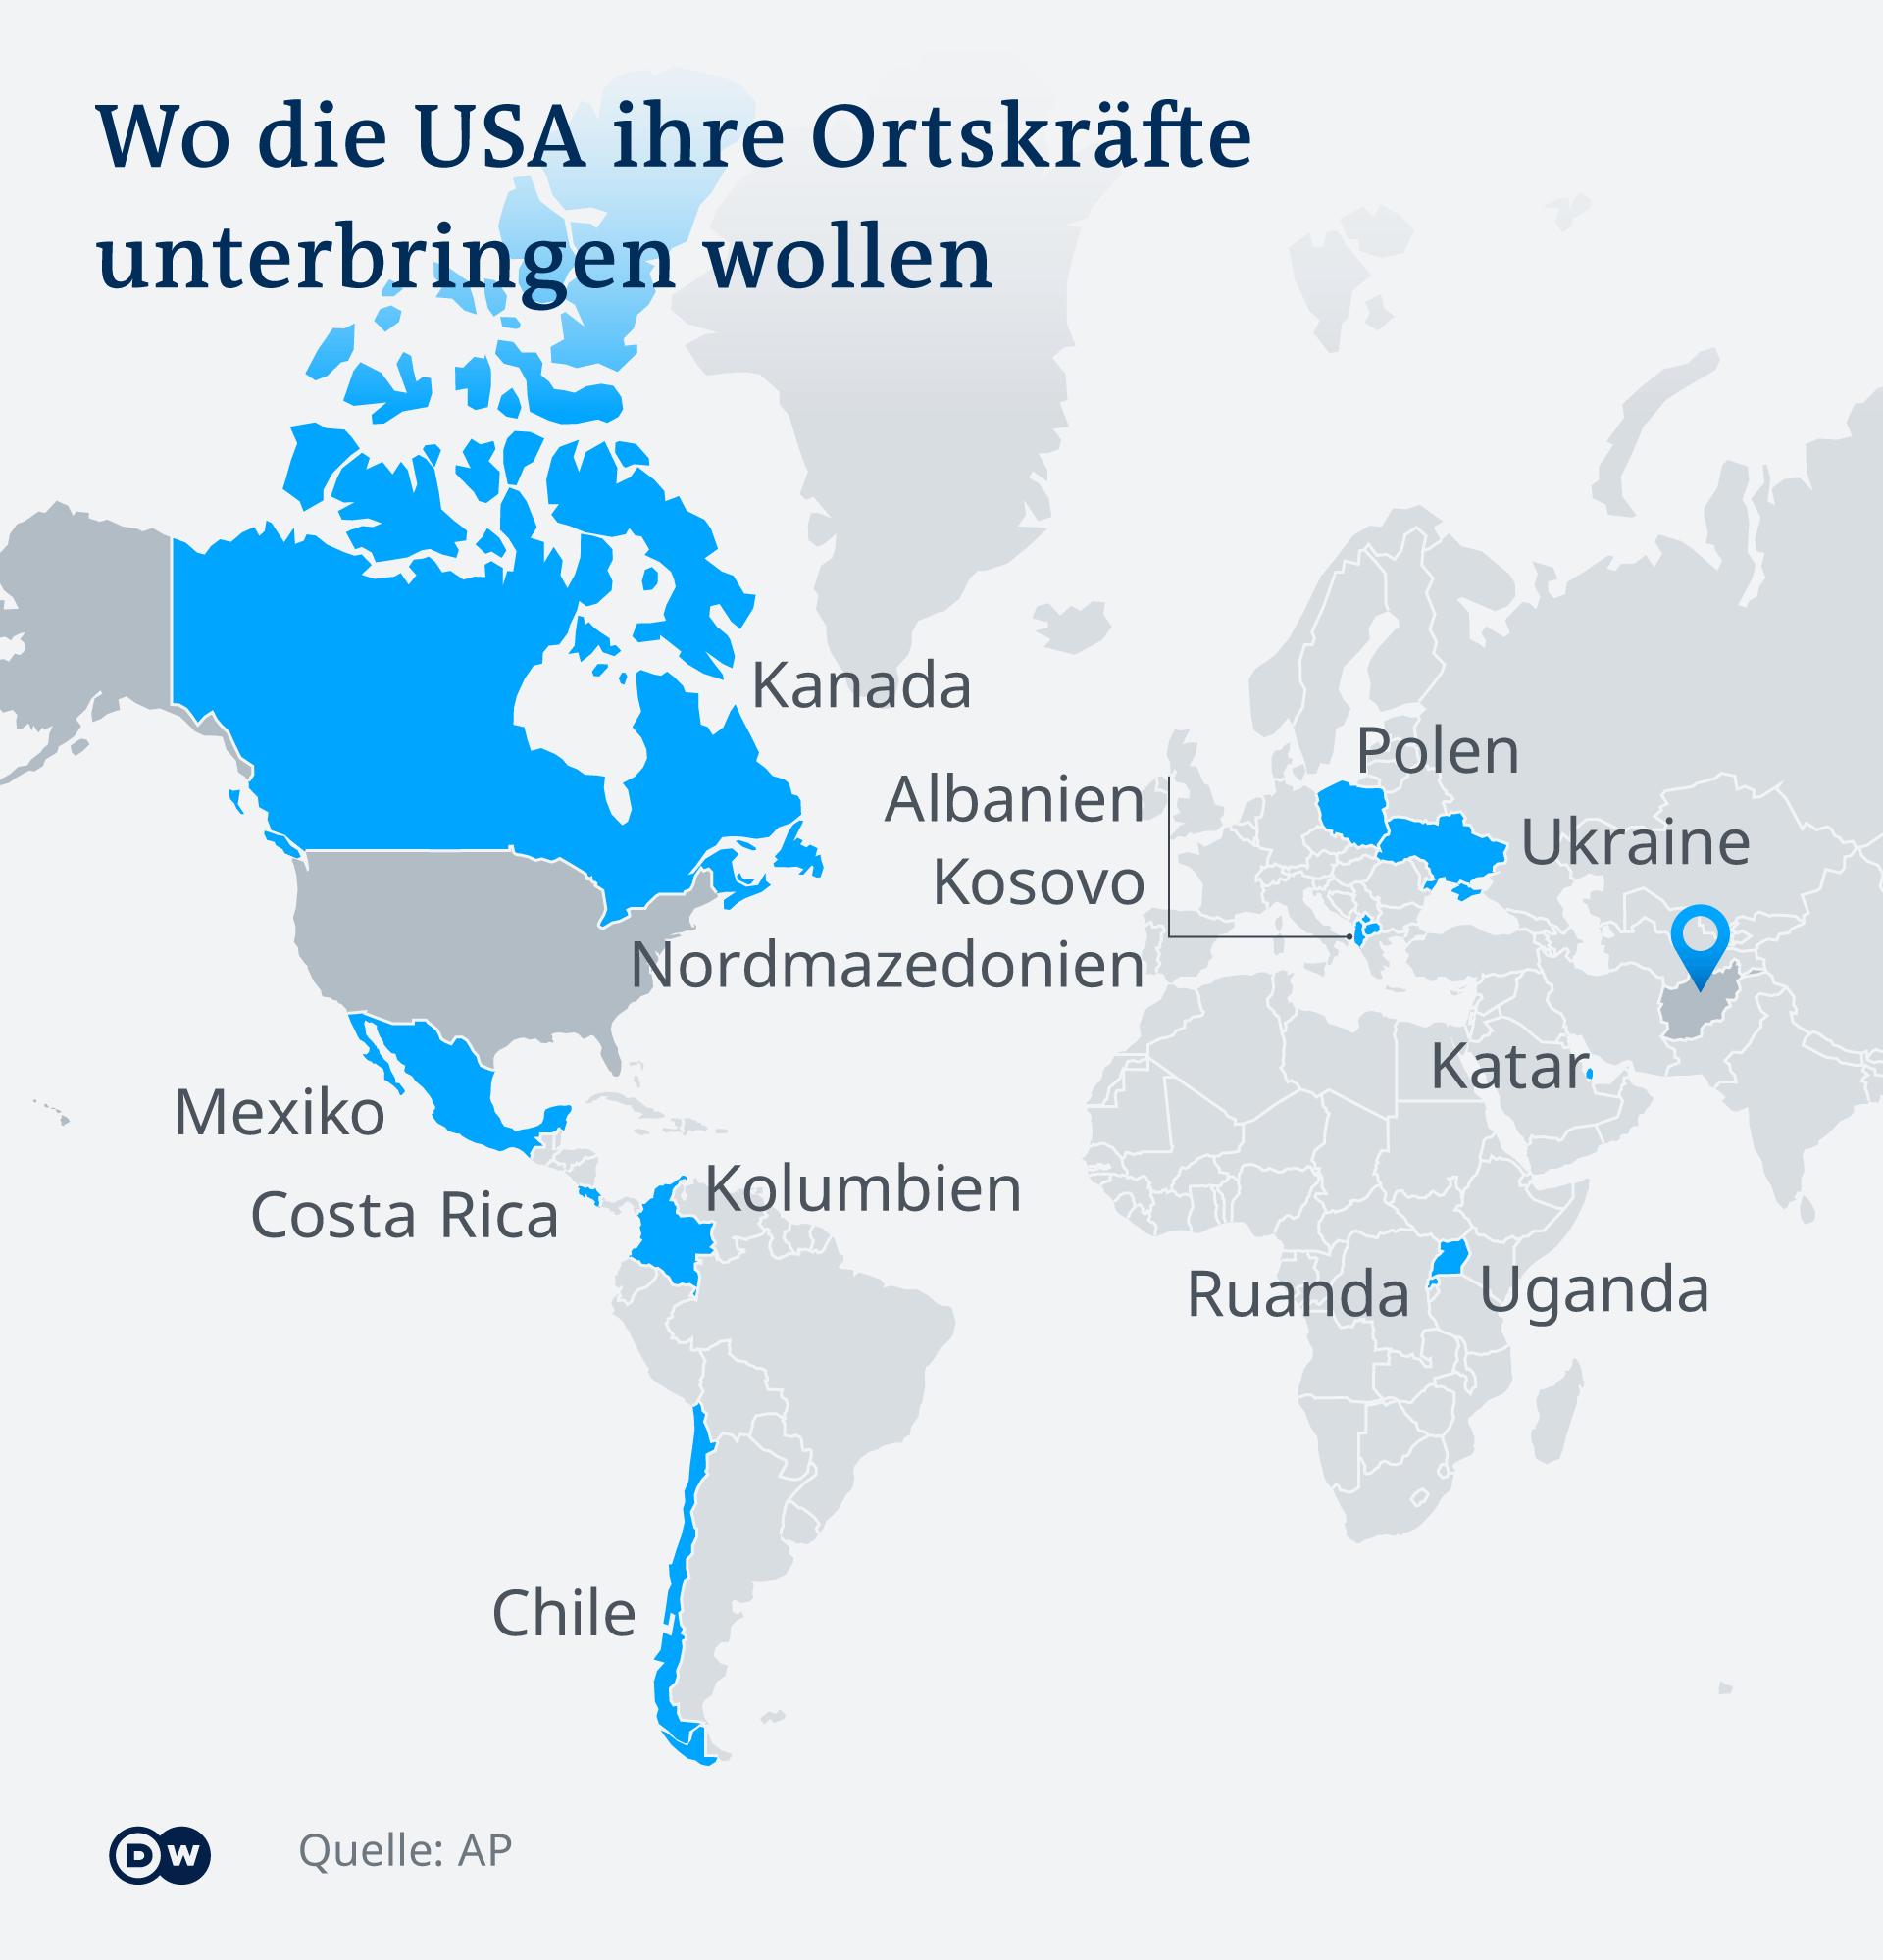 Infografik Wo die USA ihre Ortskräfte unterbringen wollen DE